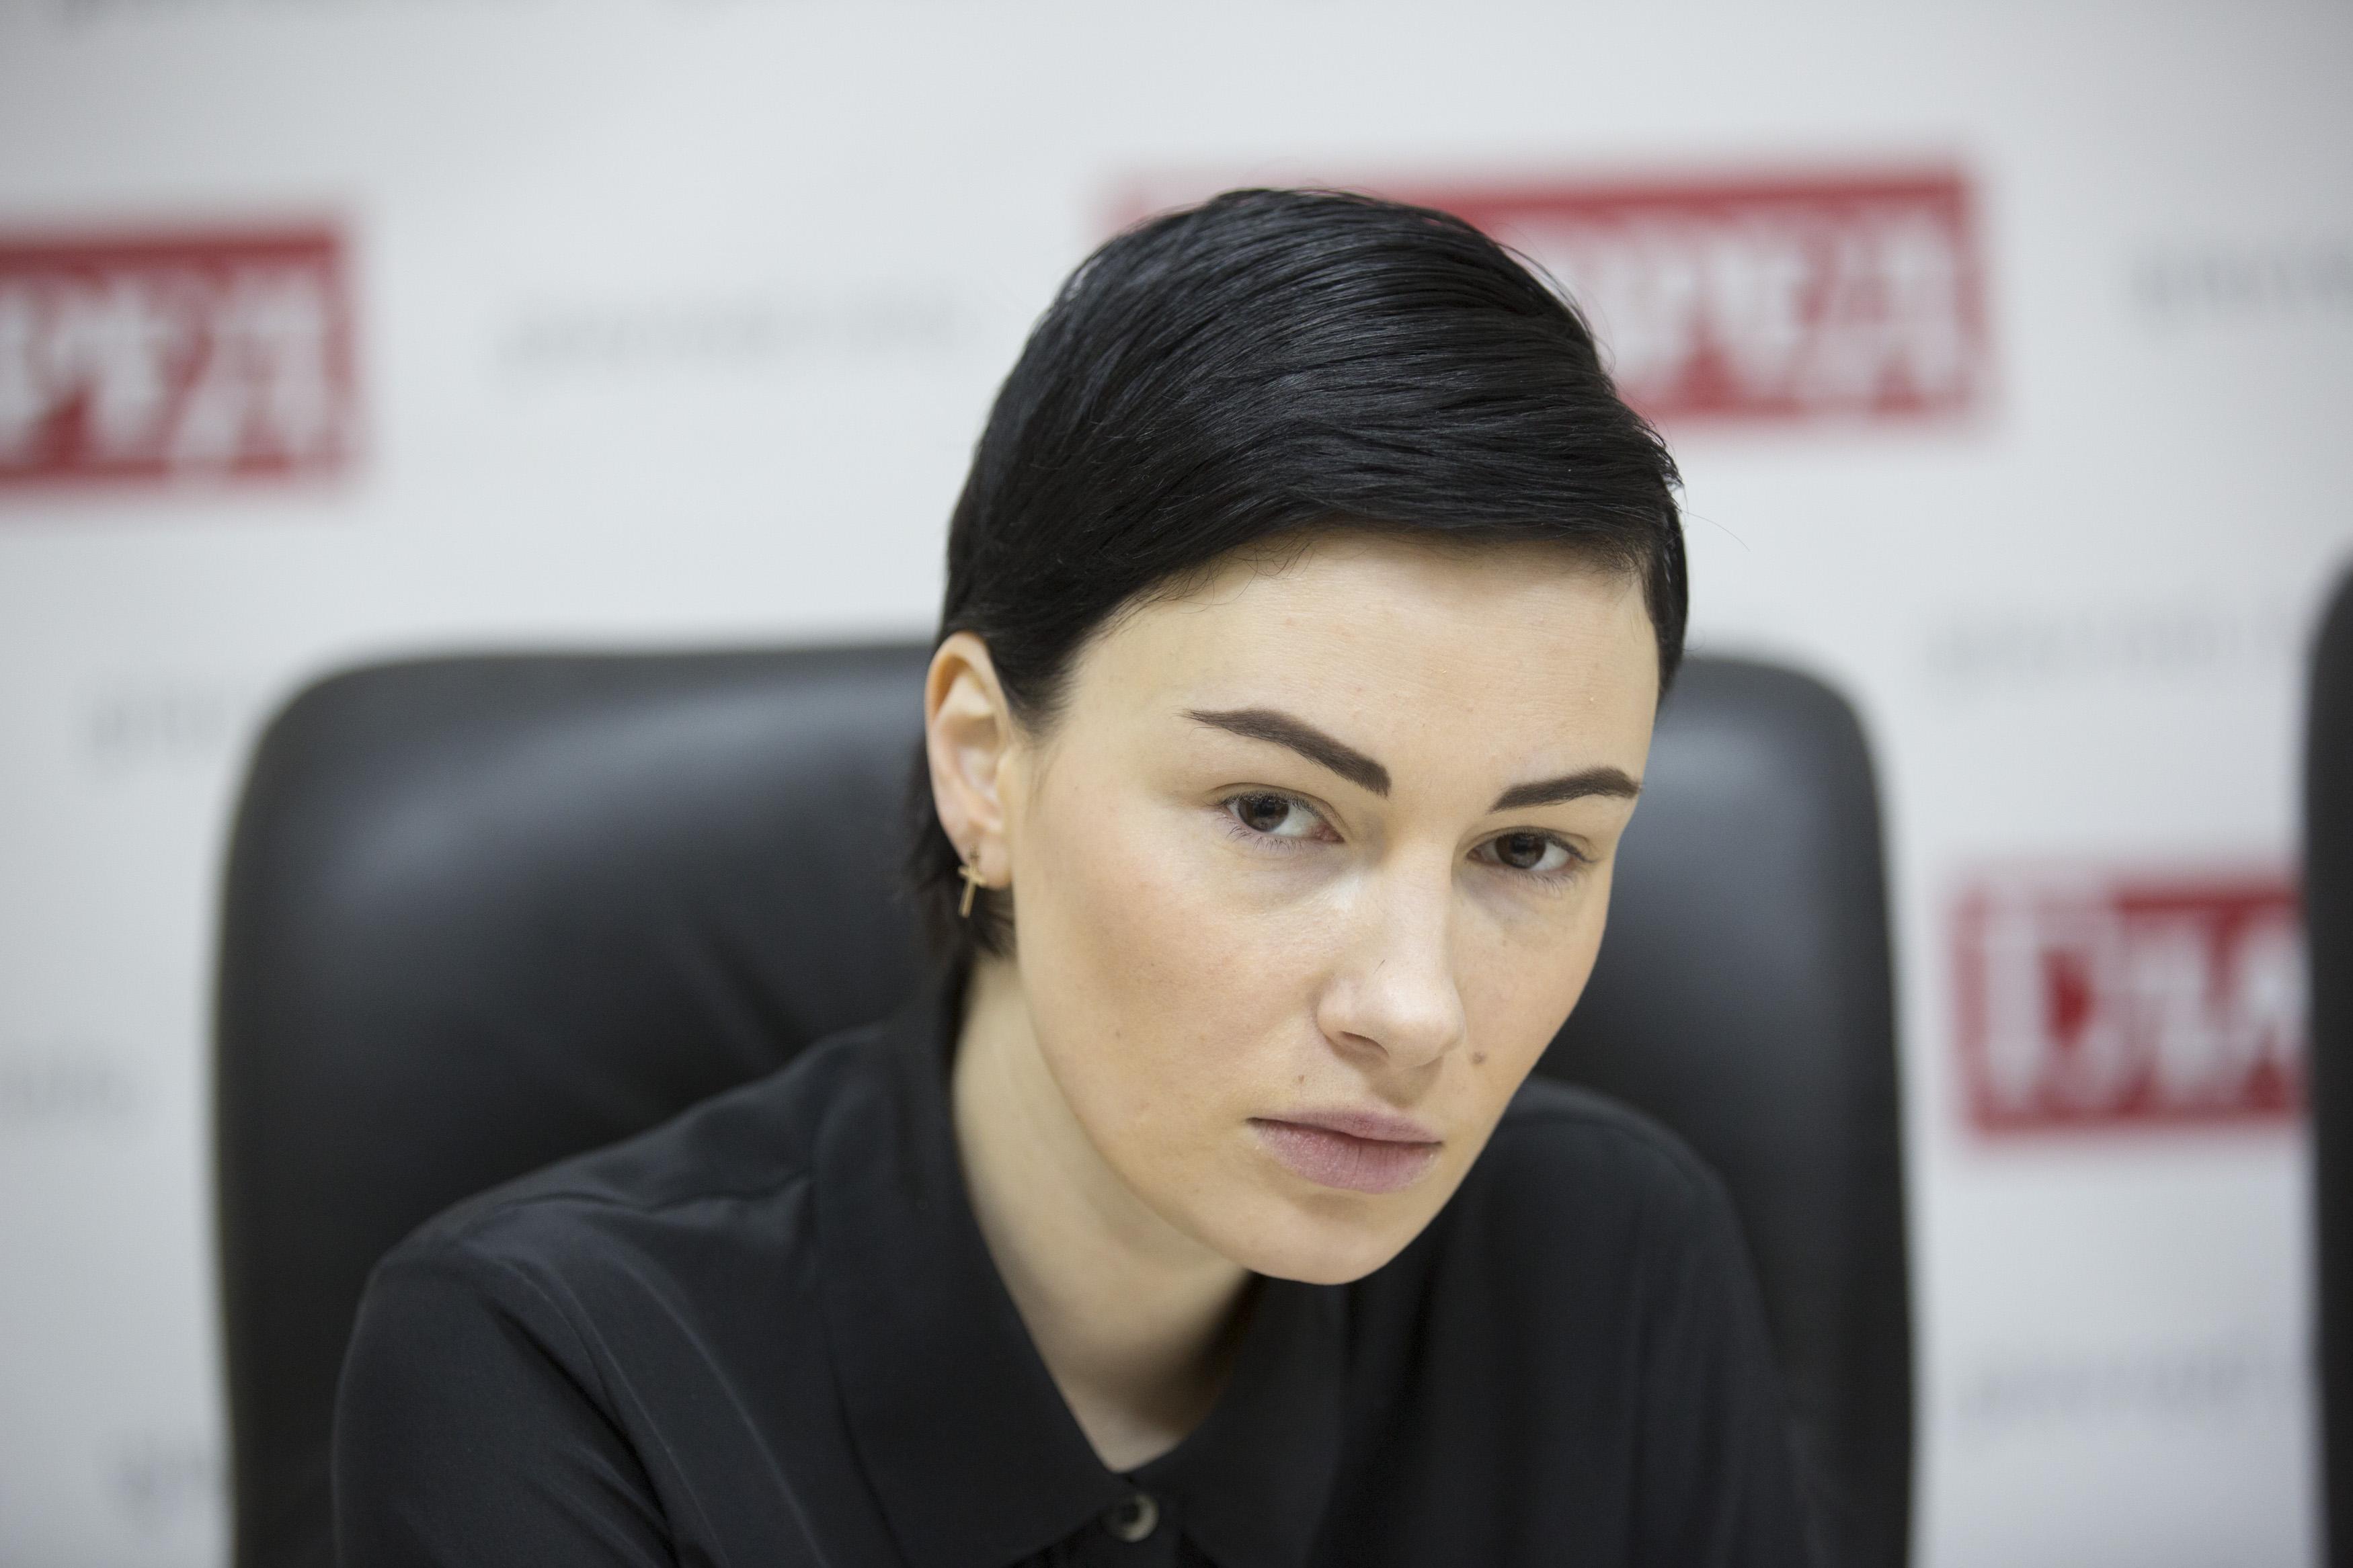 Анастасия Приходько, без лого